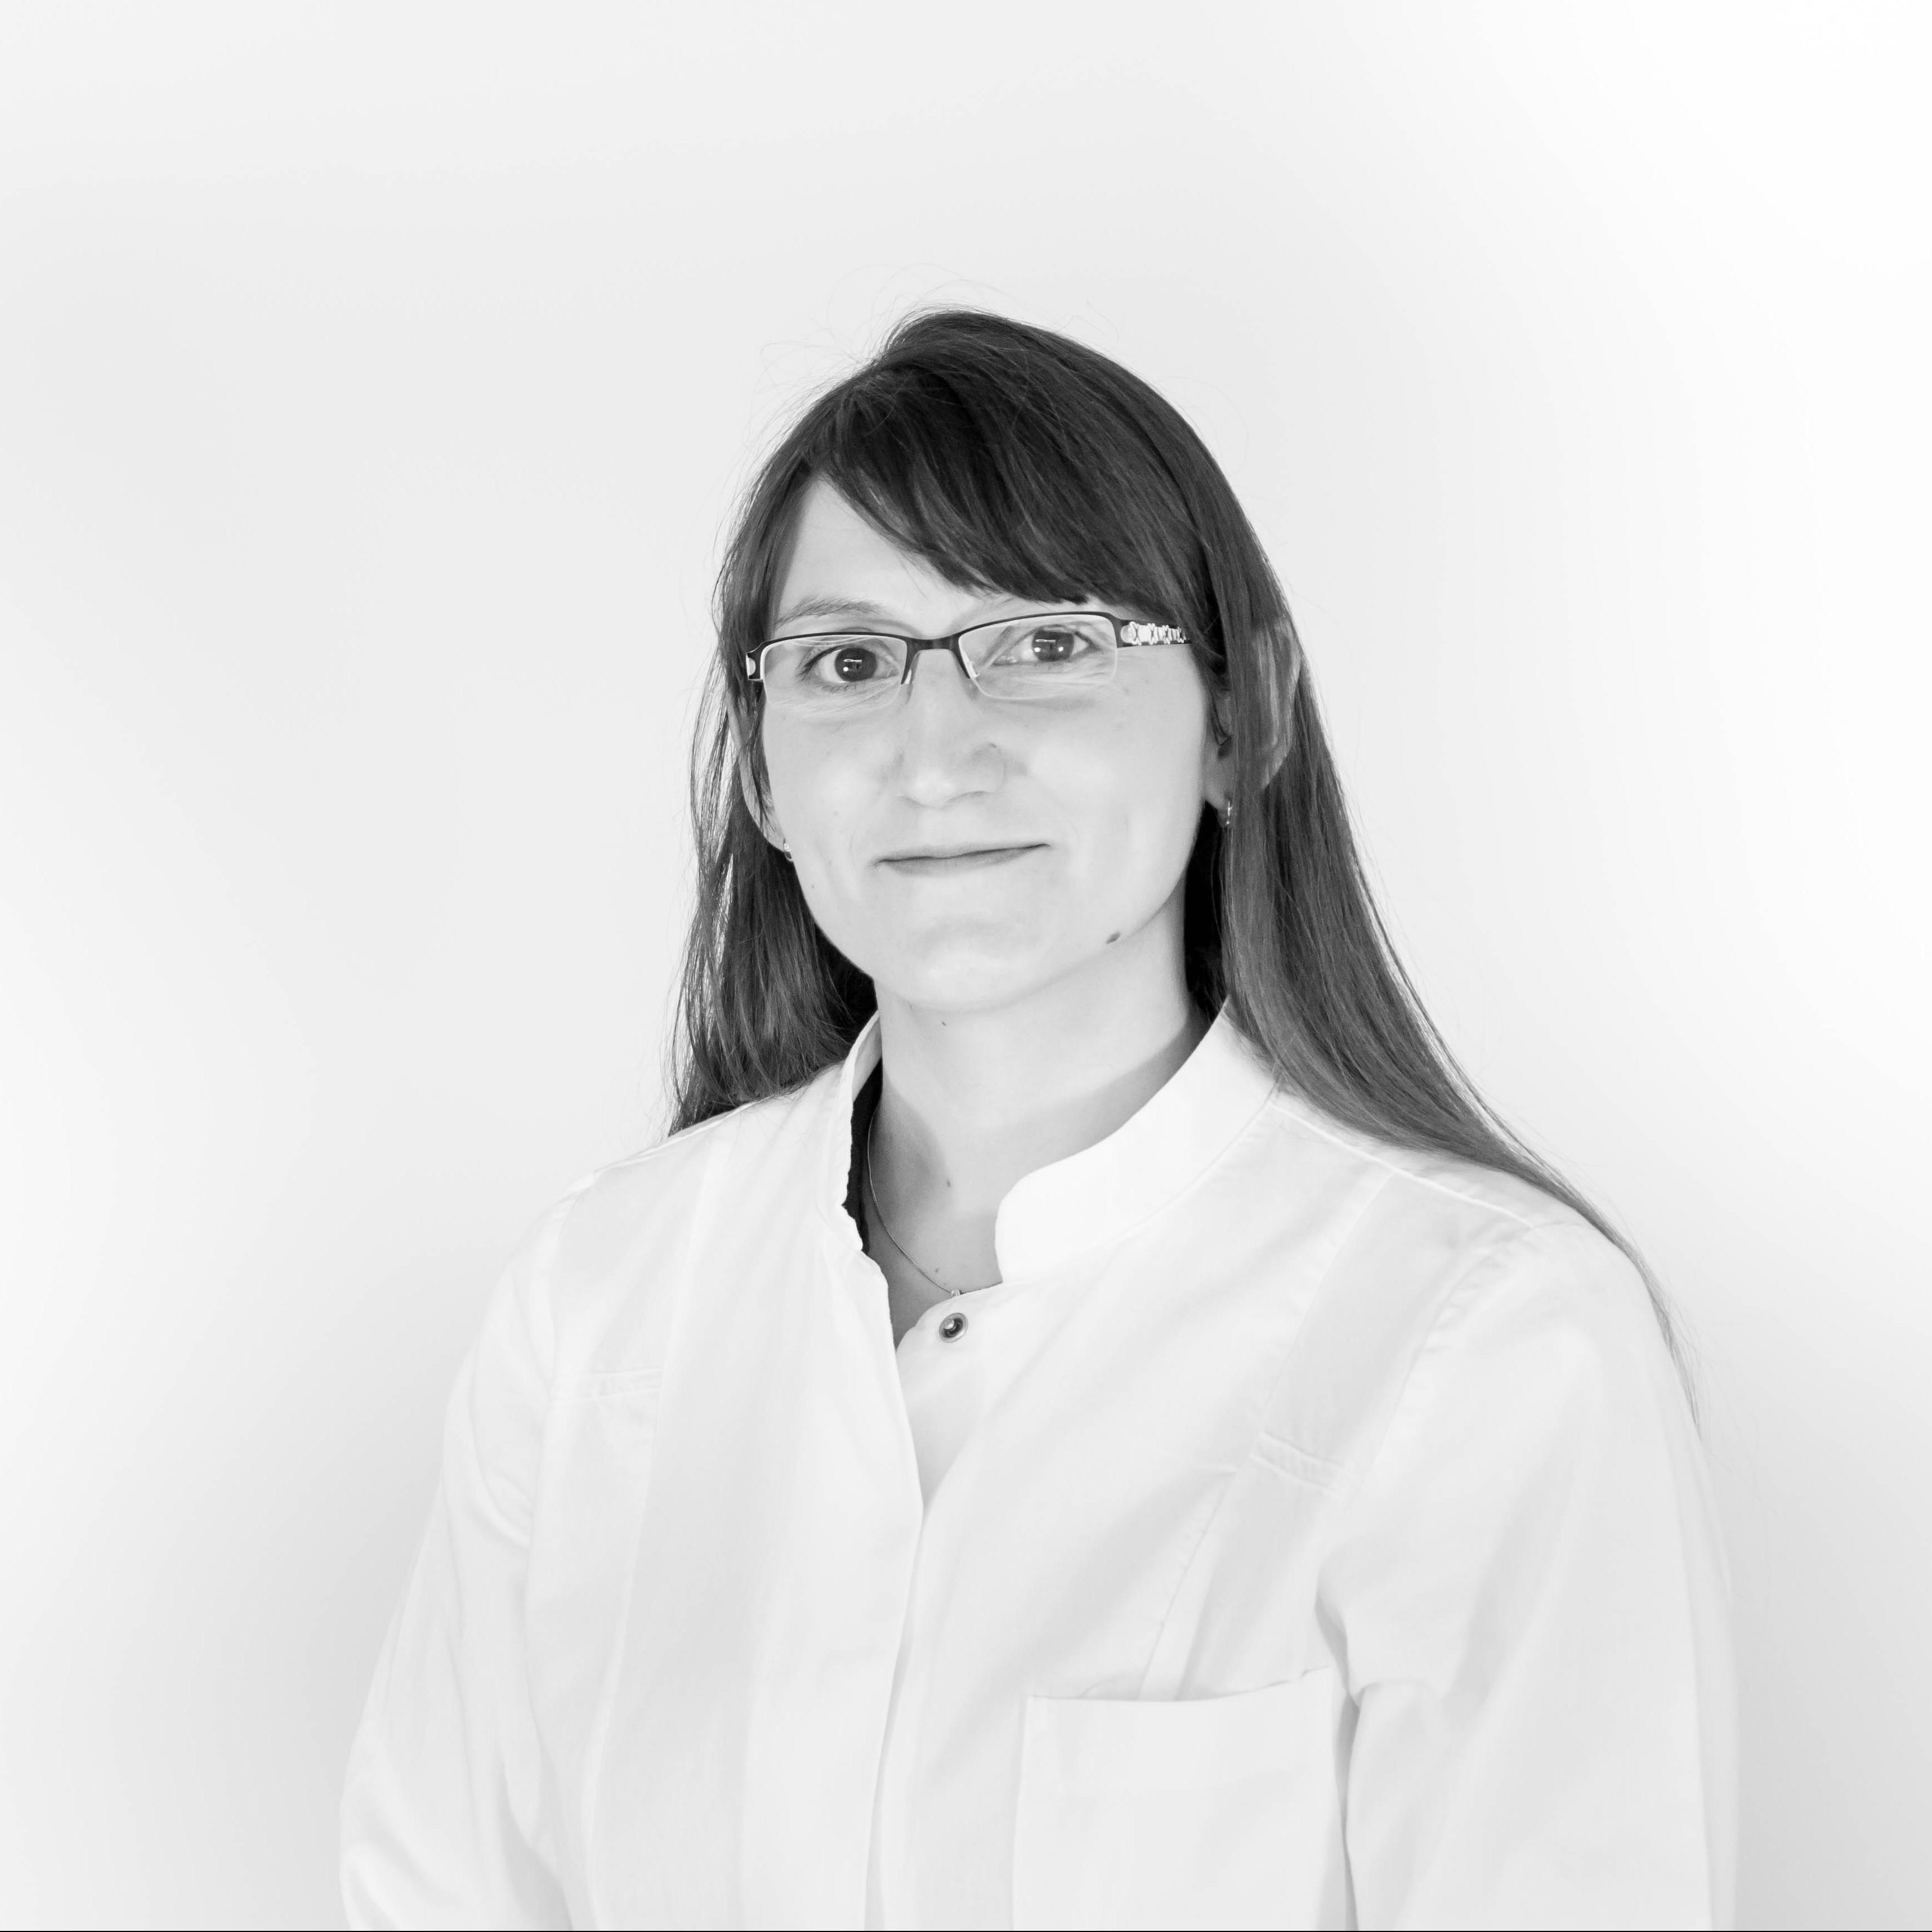 Sarina Hirche